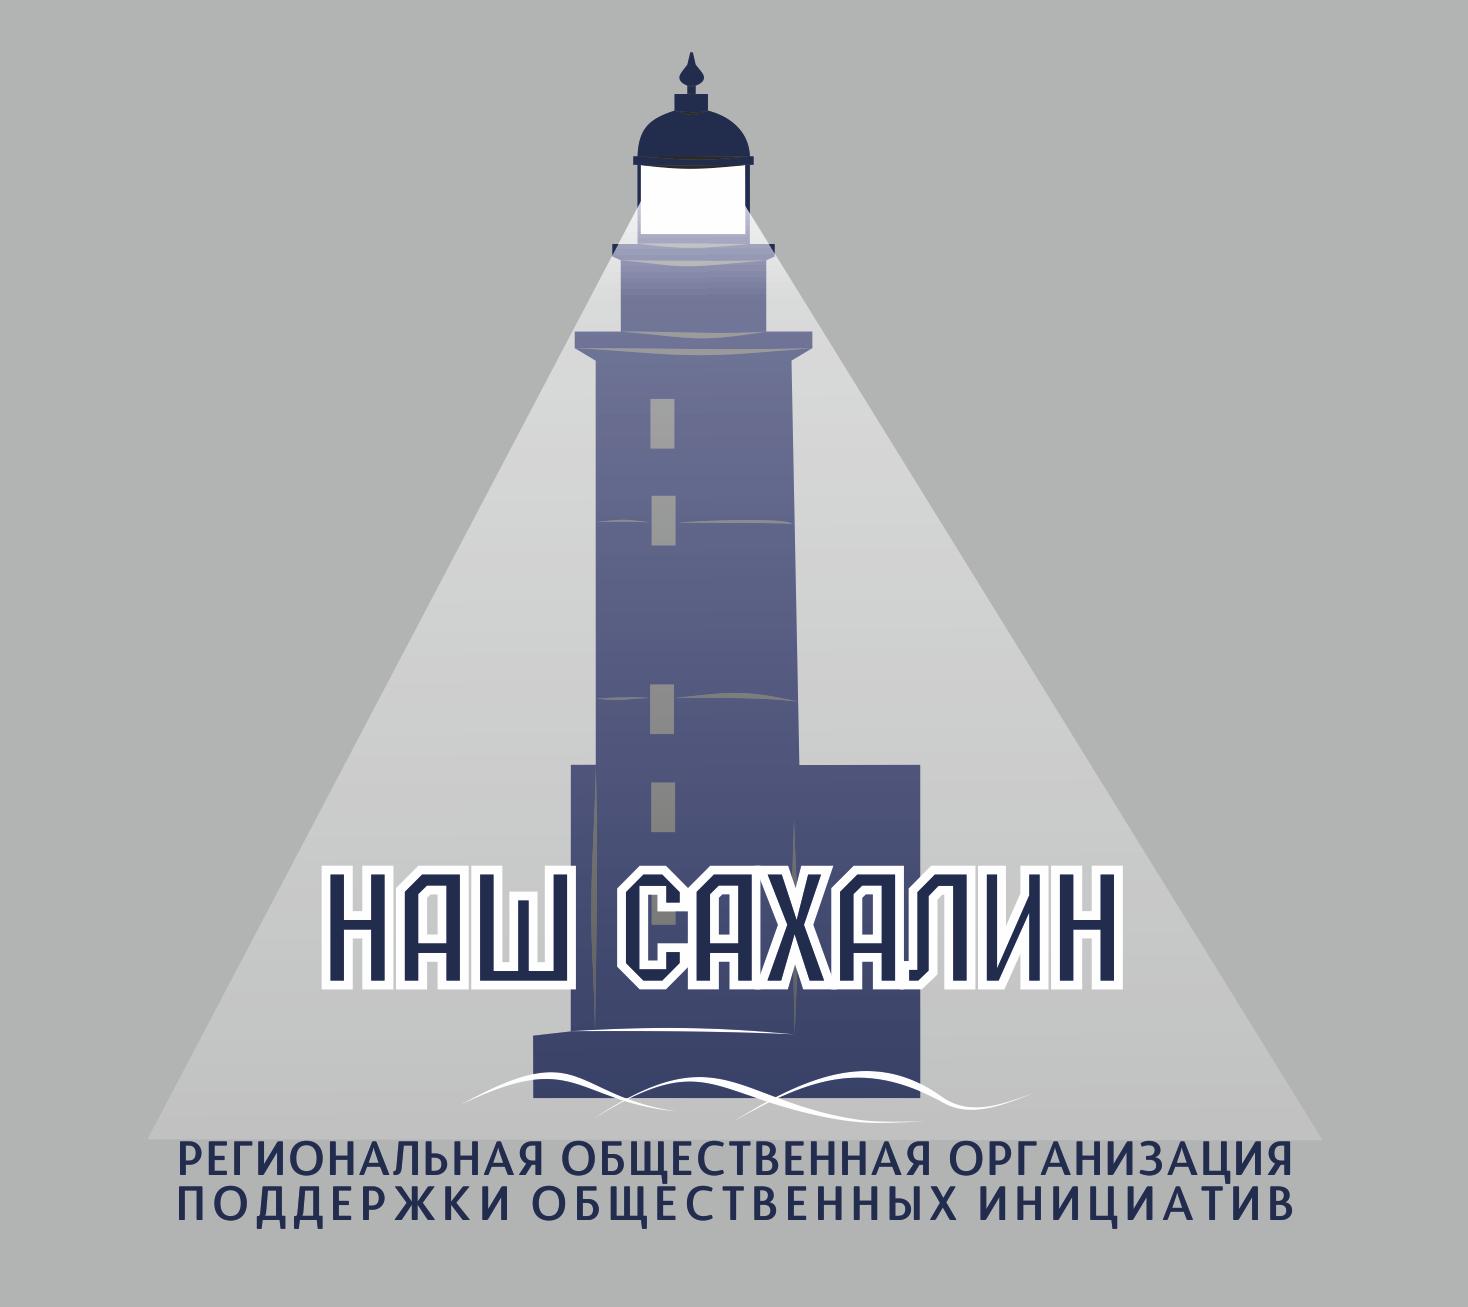 """Логотип для некоммерческой организации """"Наш Сахалин"""" фото f_5995a7dc9e27ad26.png"""